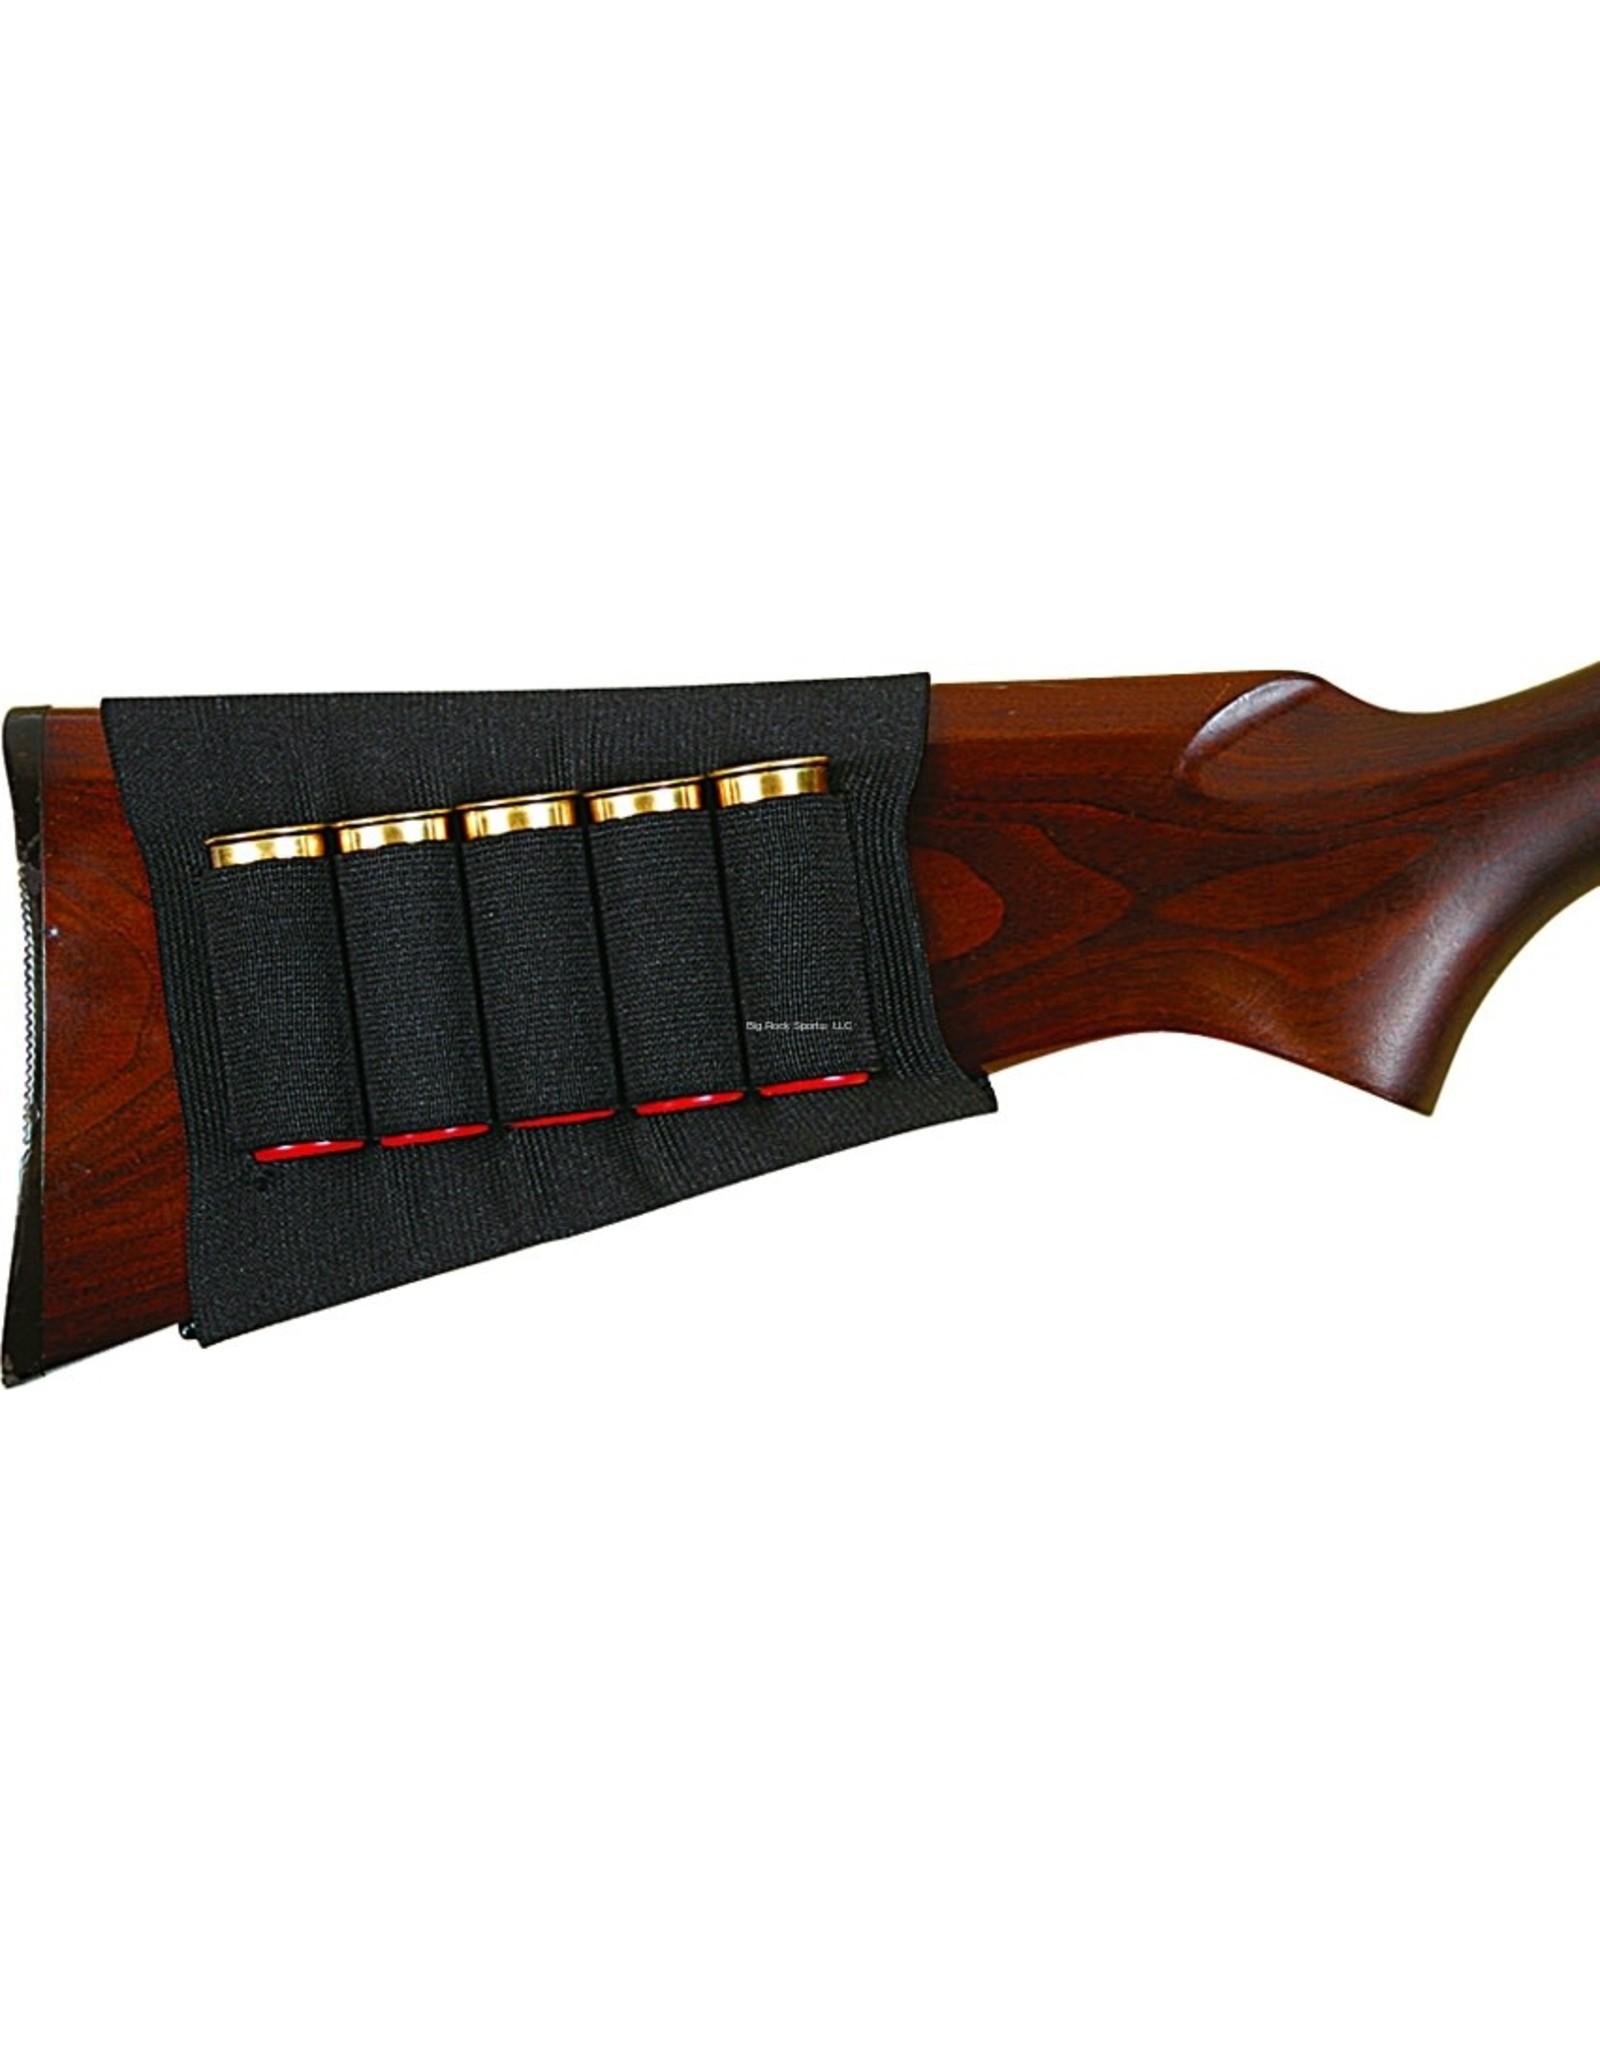 Allen Allen 205 Basic Buttstock Shotgun Shell Holder, 5 Loops, Black